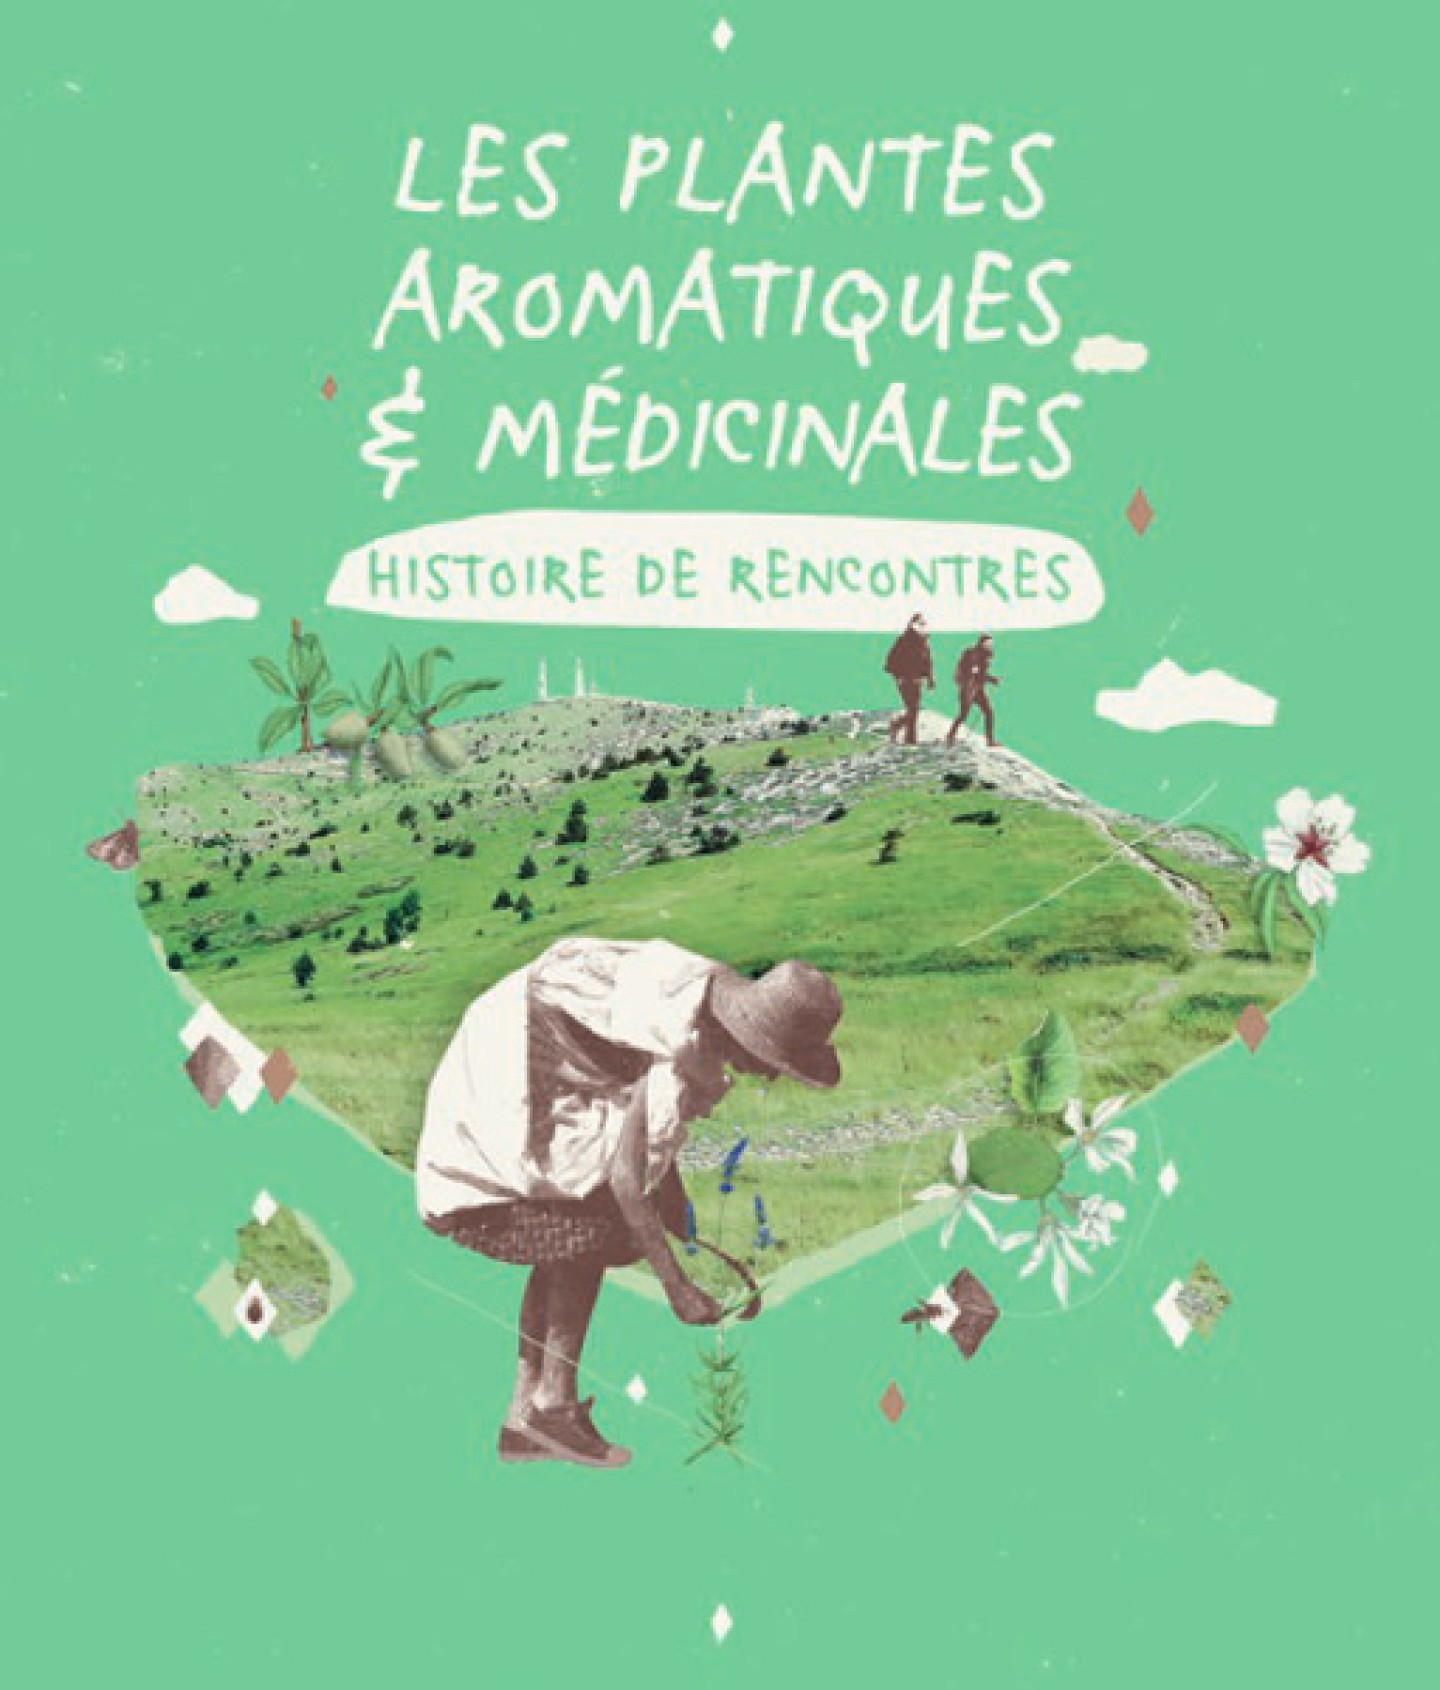 Les plantes aromatiques et médicinales - Histoire de rencontres